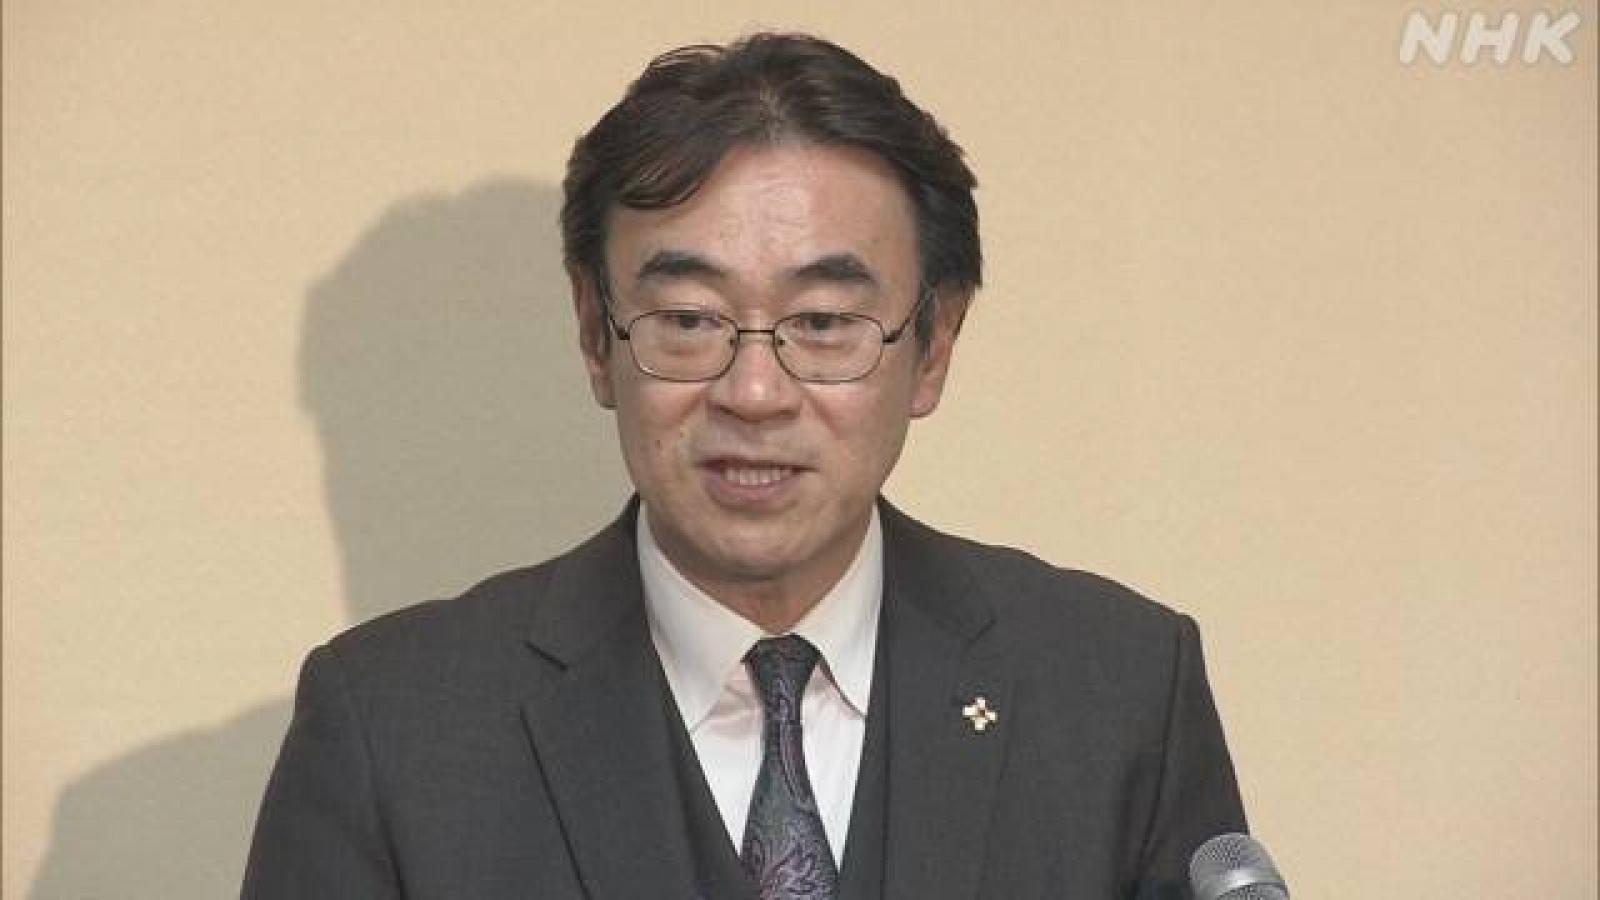 Viện trưởng kiểm sát Tokyo sẽ từ chức do vi phạm pháp lệnh Covid-19?